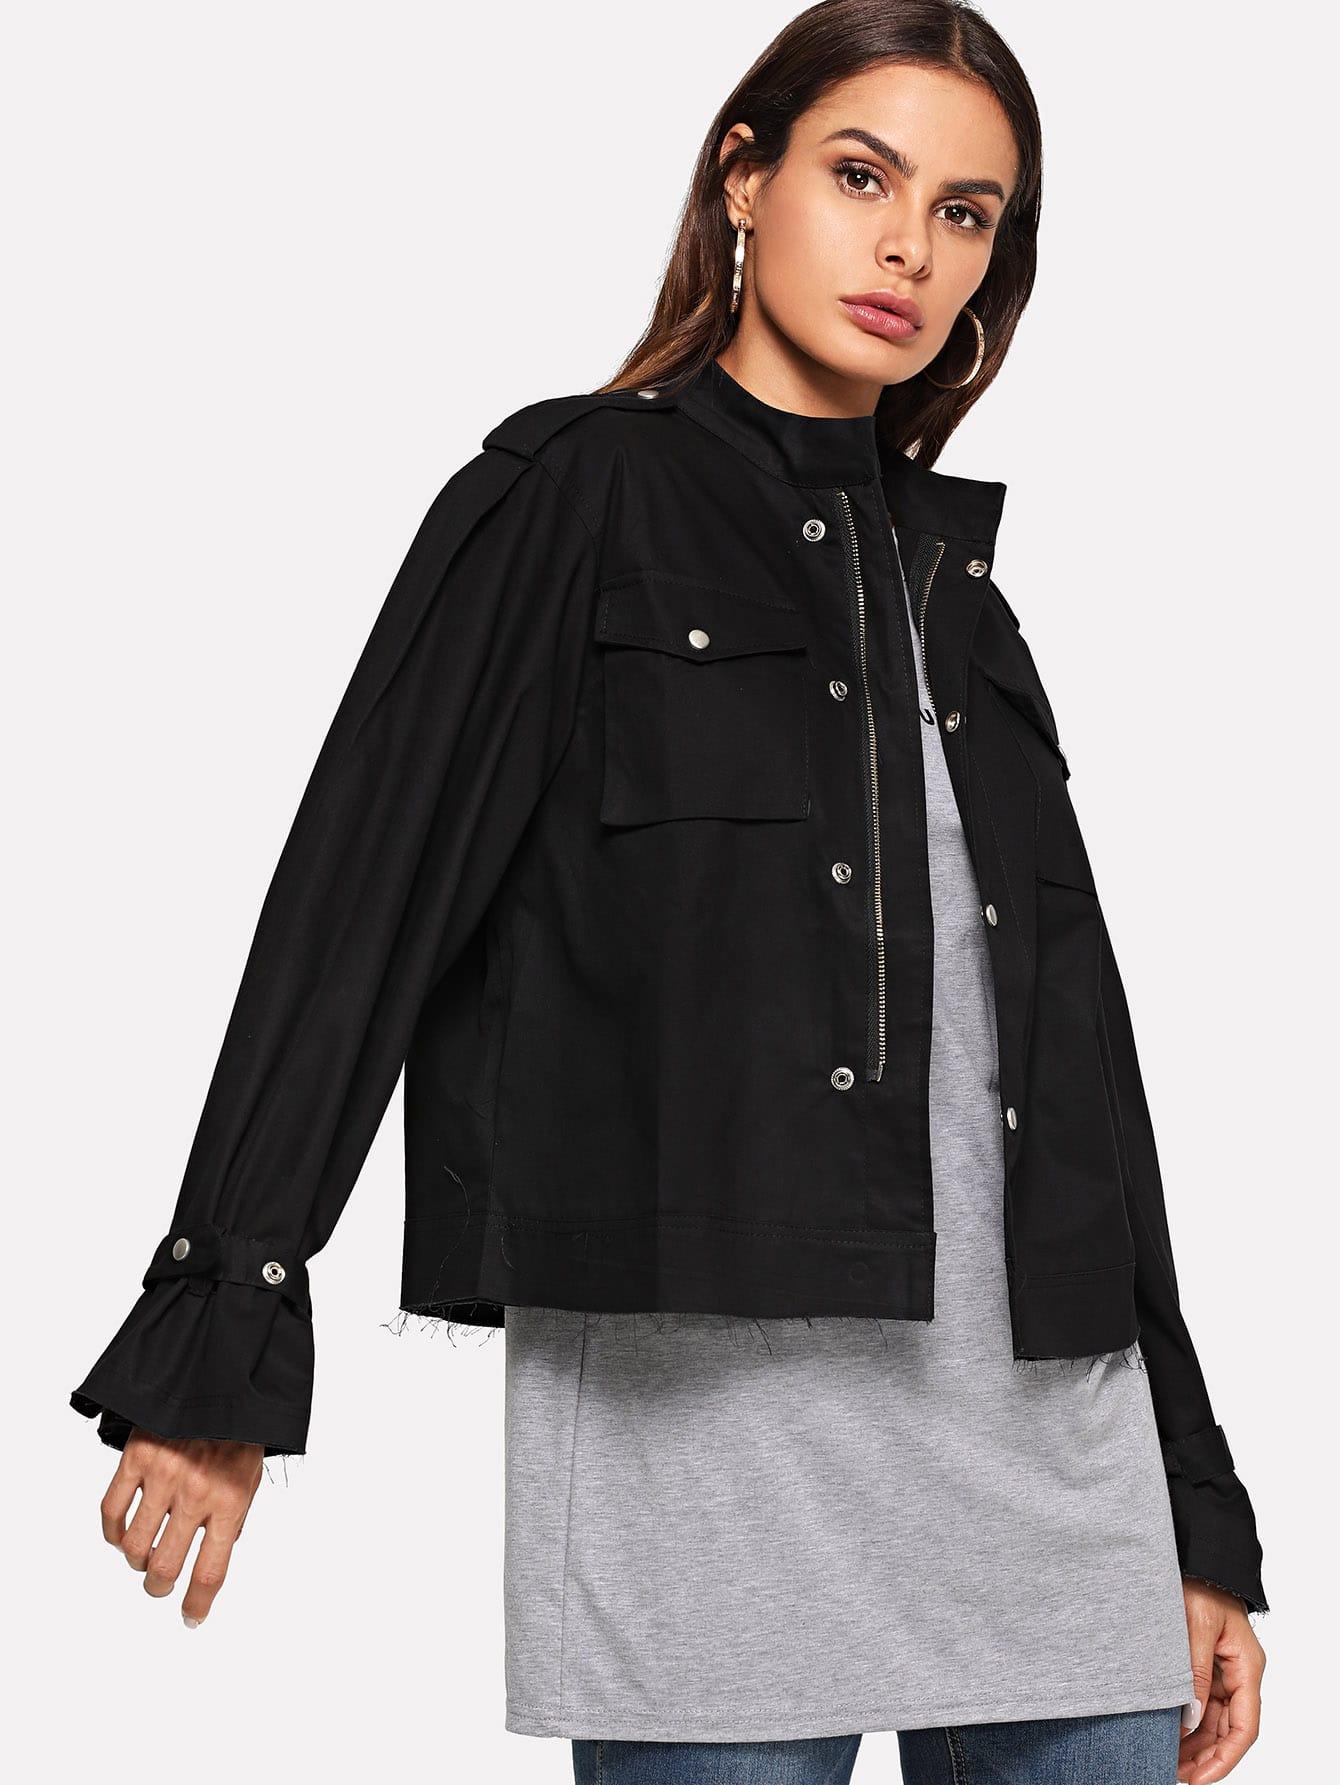 Купить Повседневный Одноцветный на молнии бомбардировщик Черный Жакеты + Куртки, Andy, SheIn